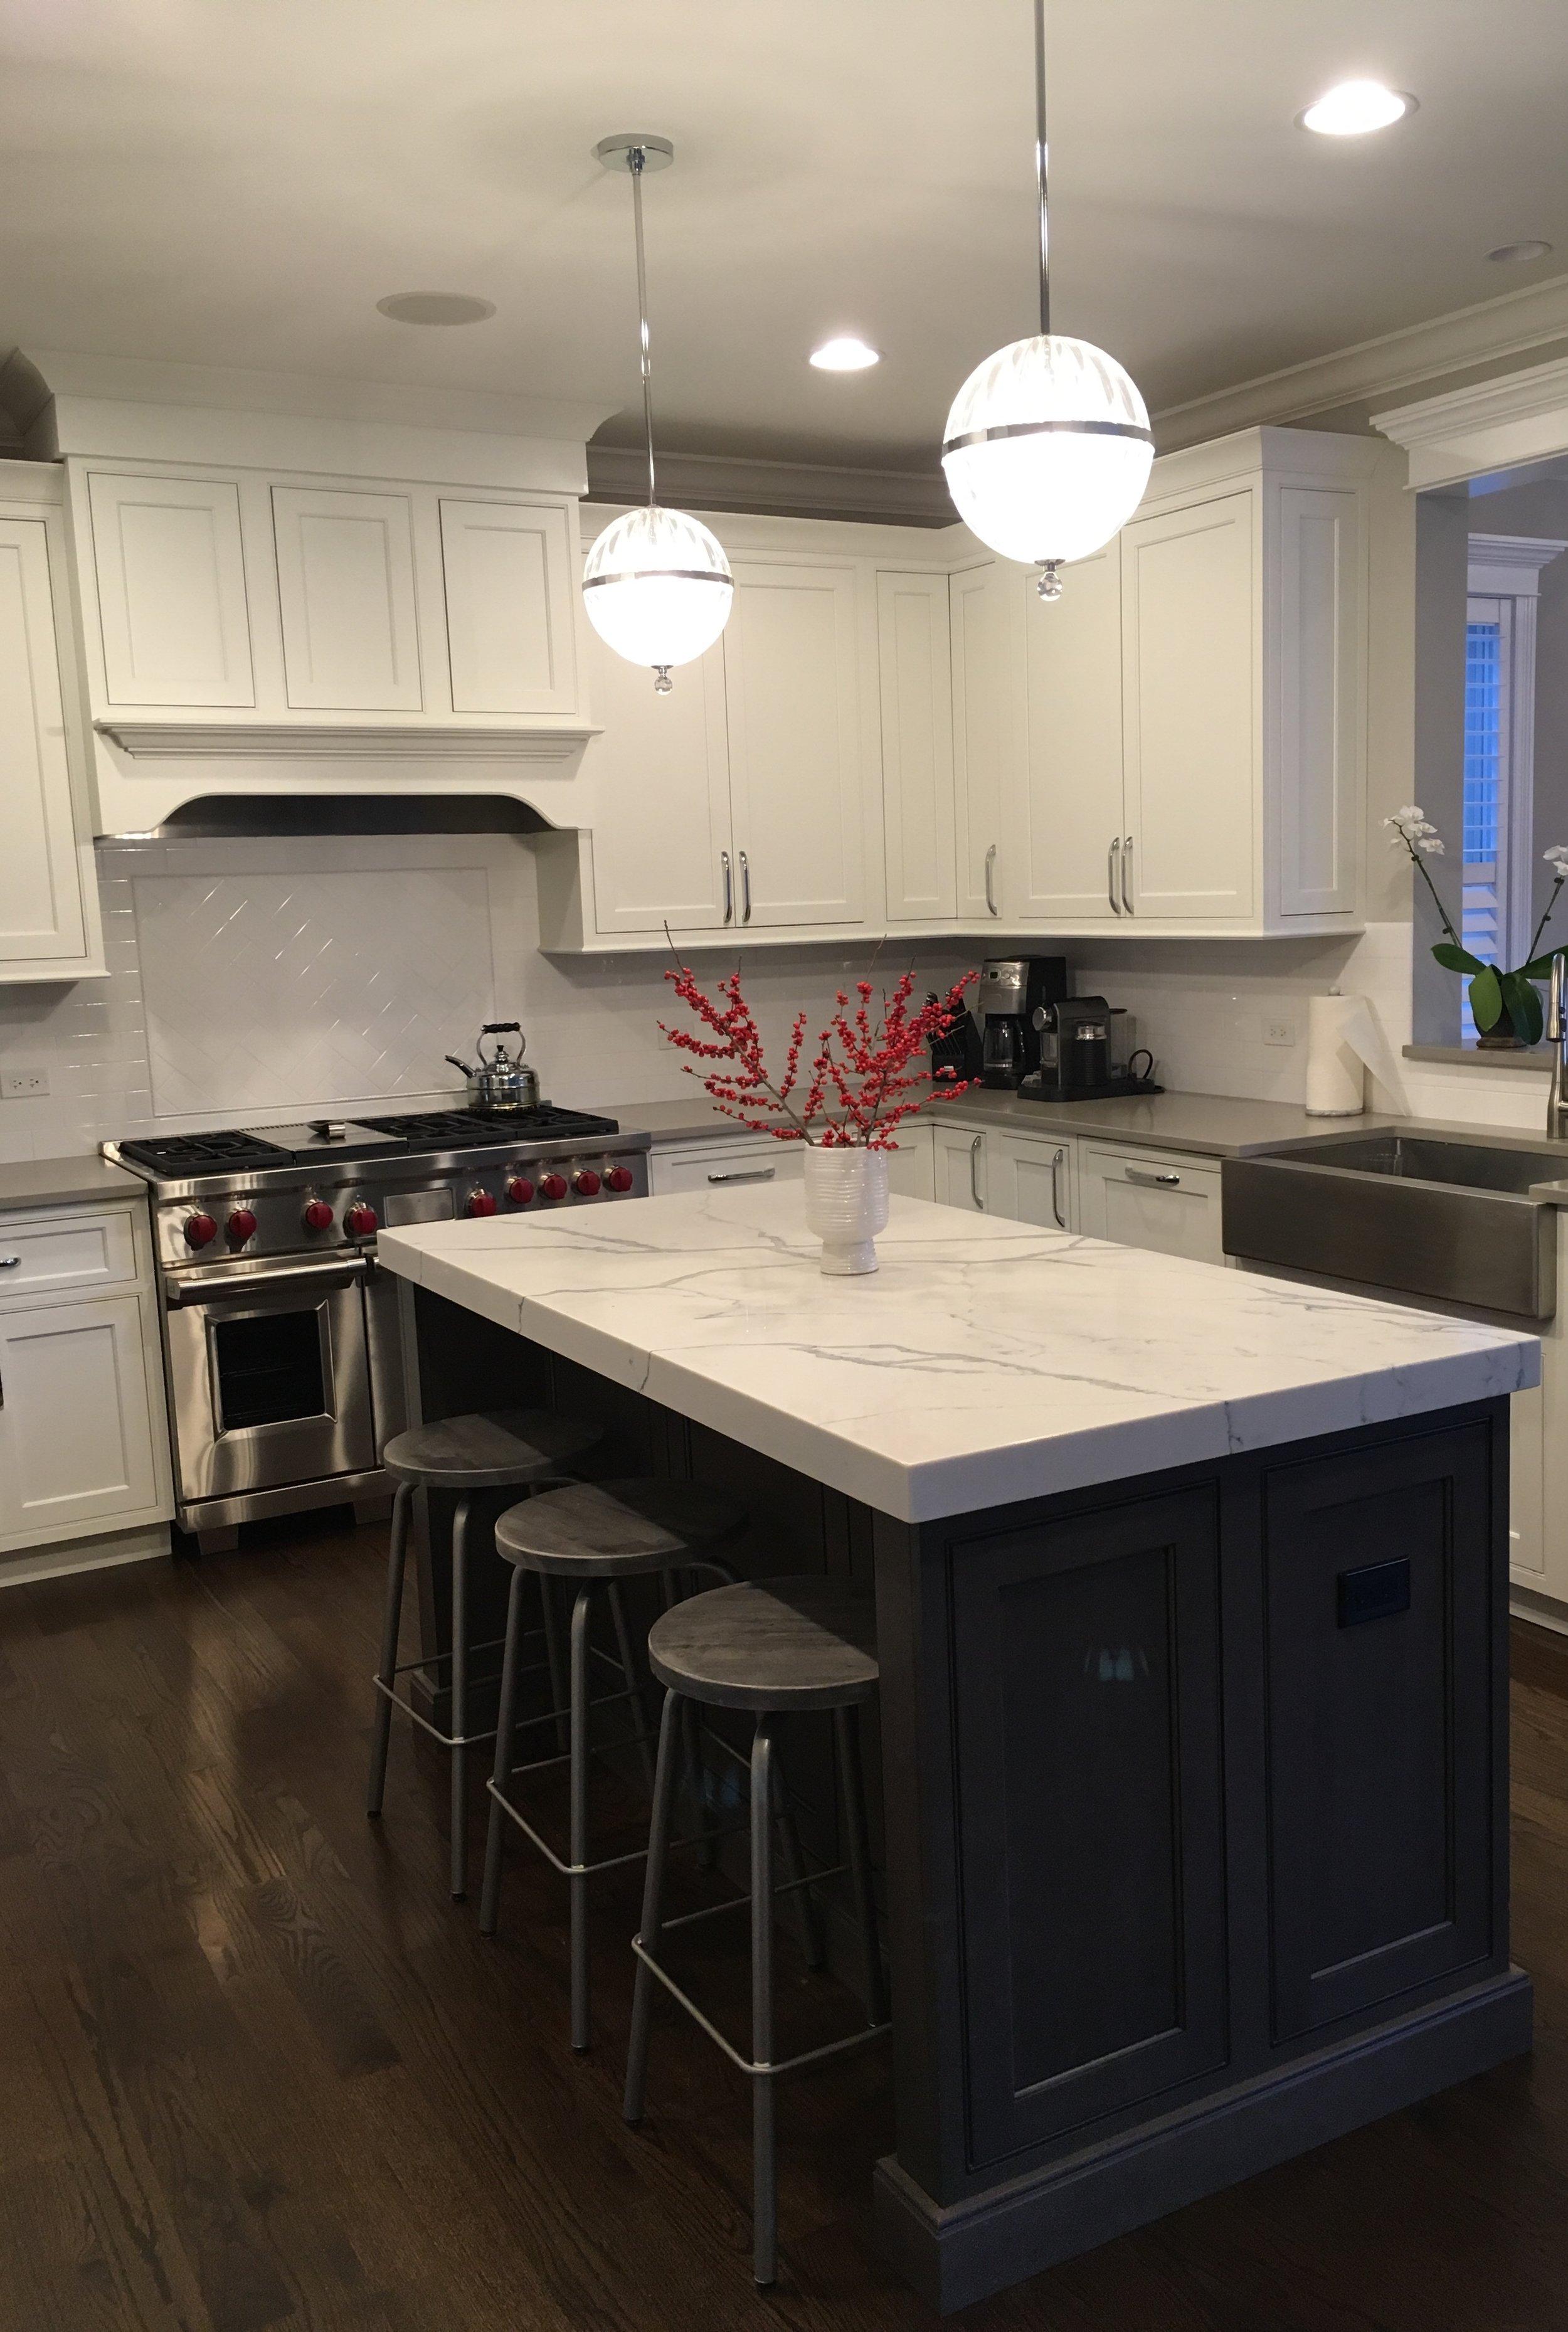 Kitchen Interior Design IMG_3549.jpg